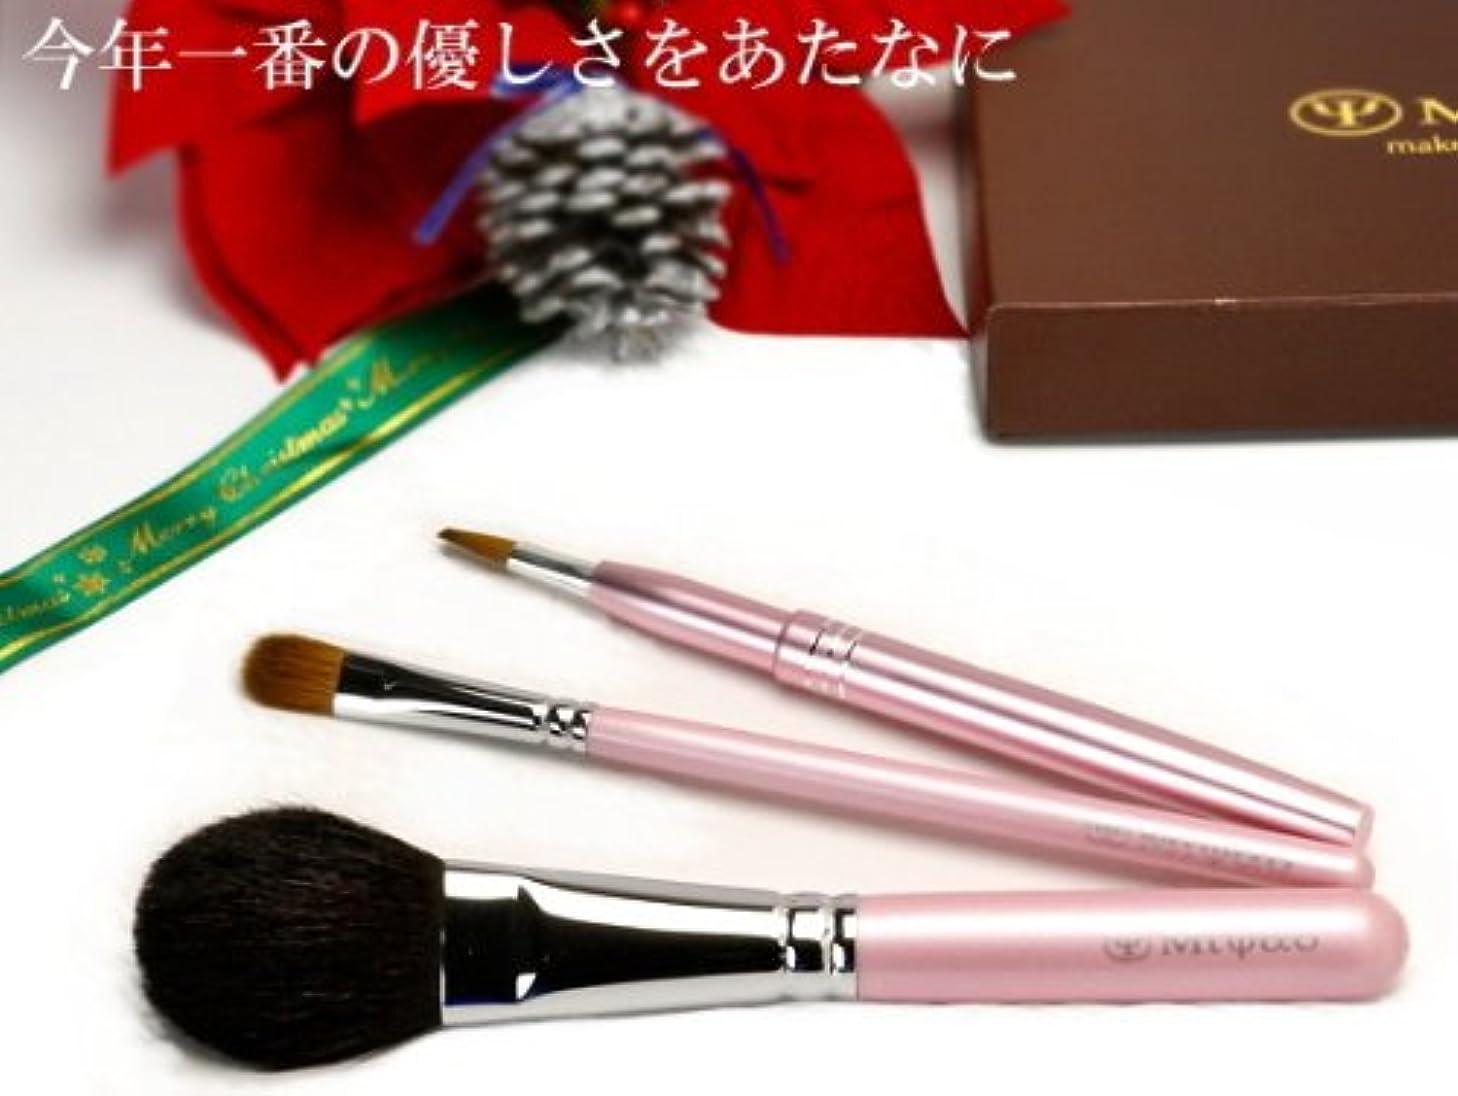 ワイド詐欺師止まる熊野化粧筆 ピンクパール3本セット[ミドル軸タイプ]プレゼント包装